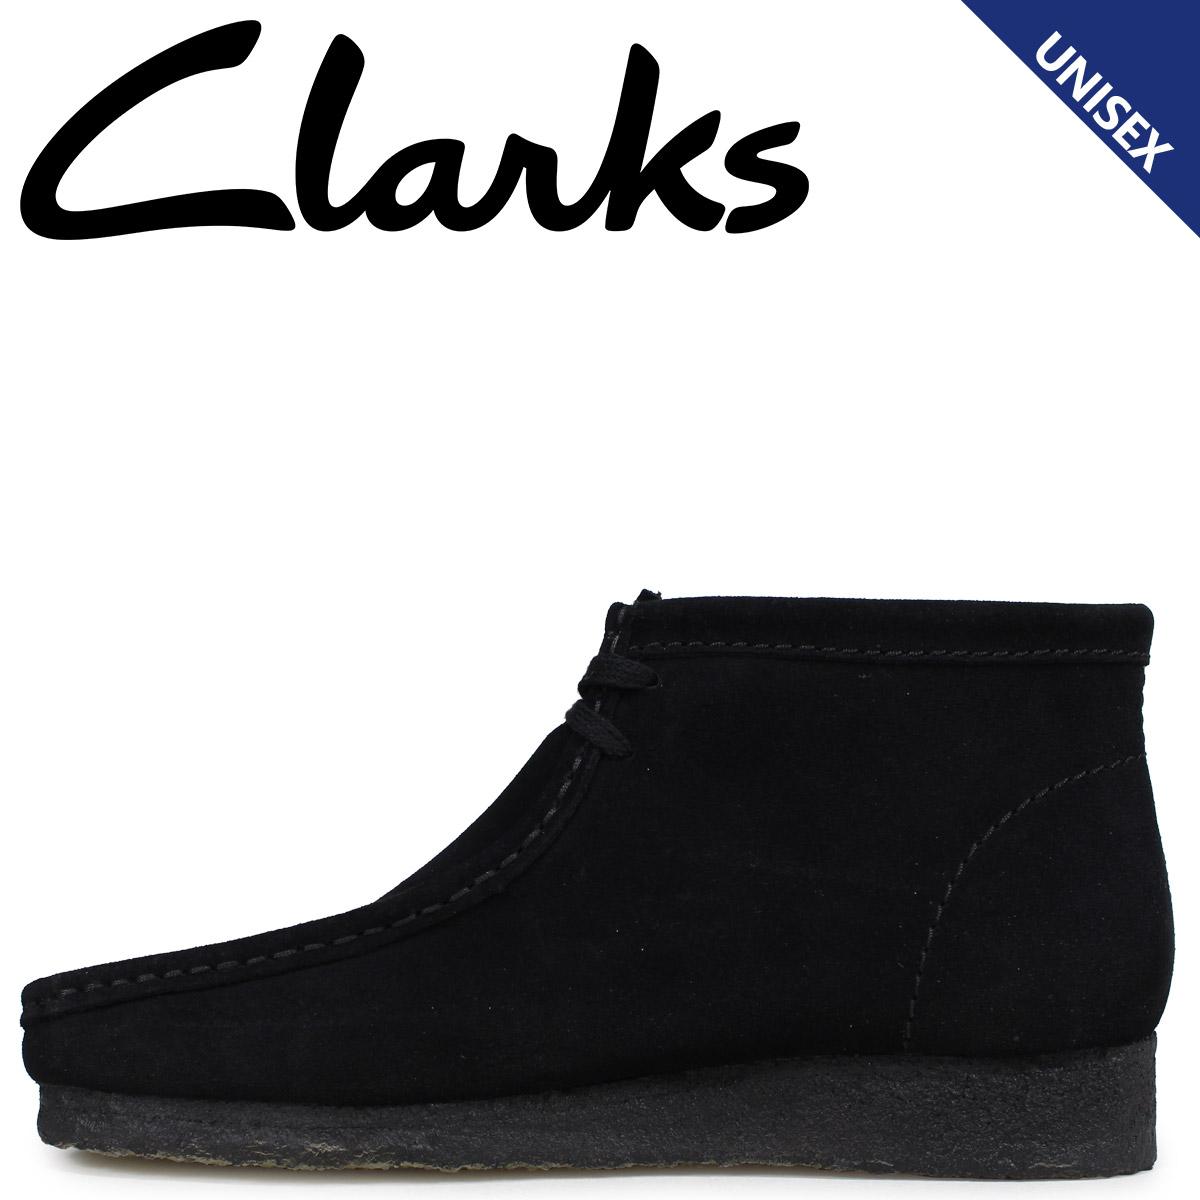 Clarks クラークス ワラビー ブーツ メンズ レディース WALLABEE スエード ブラック 26133281